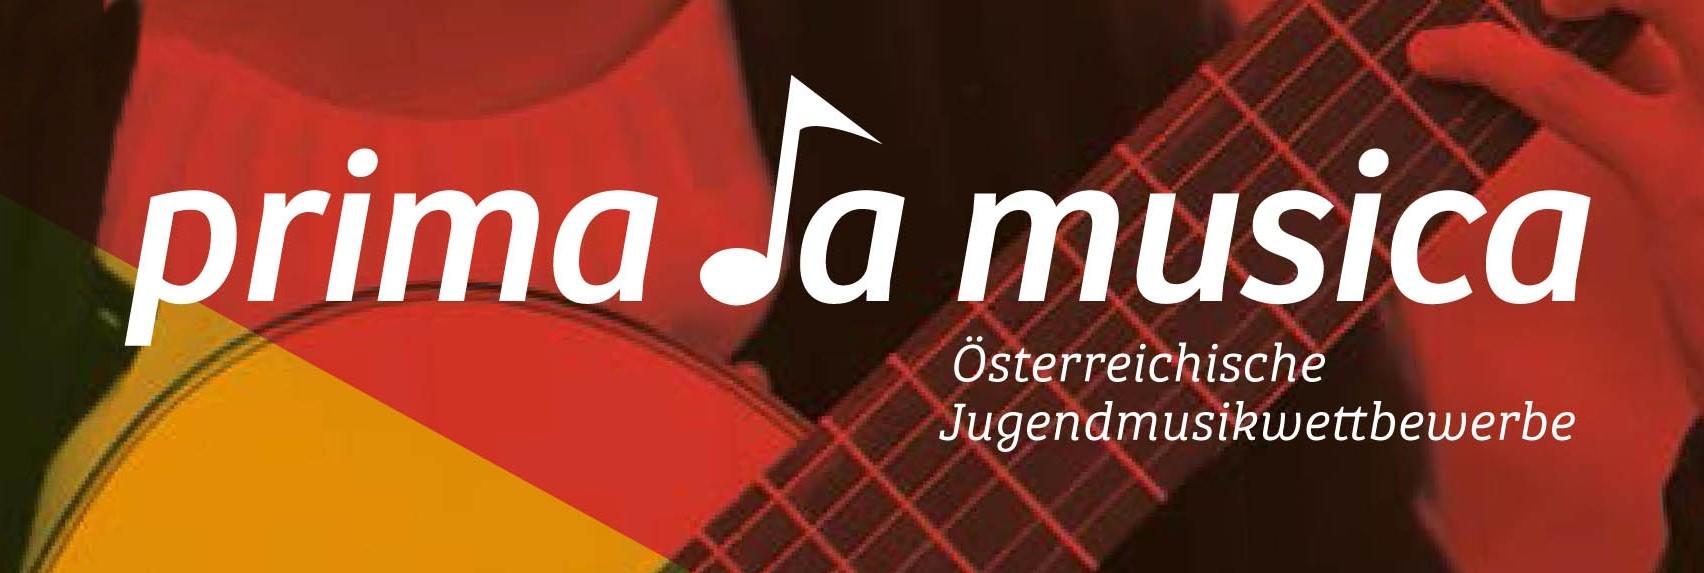 Prima la musica- Werkstattkonzert der Musikschule Ritten Sarntal